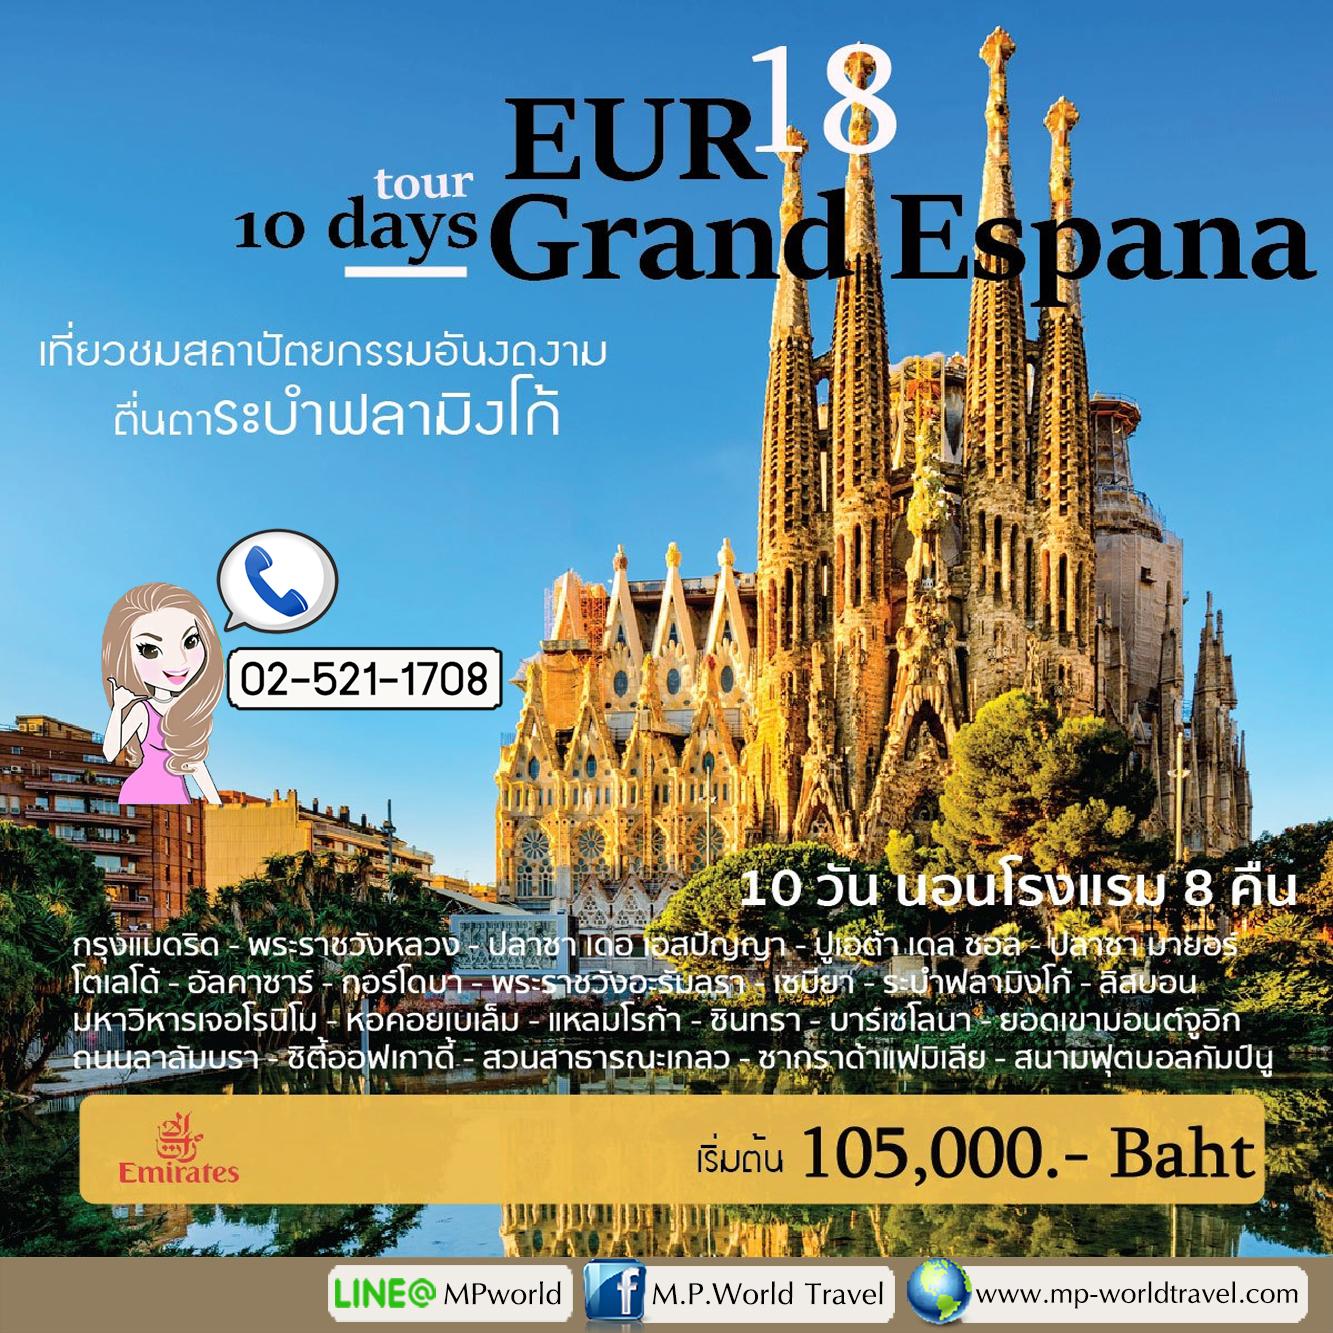 ทัวร์ยุโรป EUR18 GRAND ESPANA 10D 8N EK